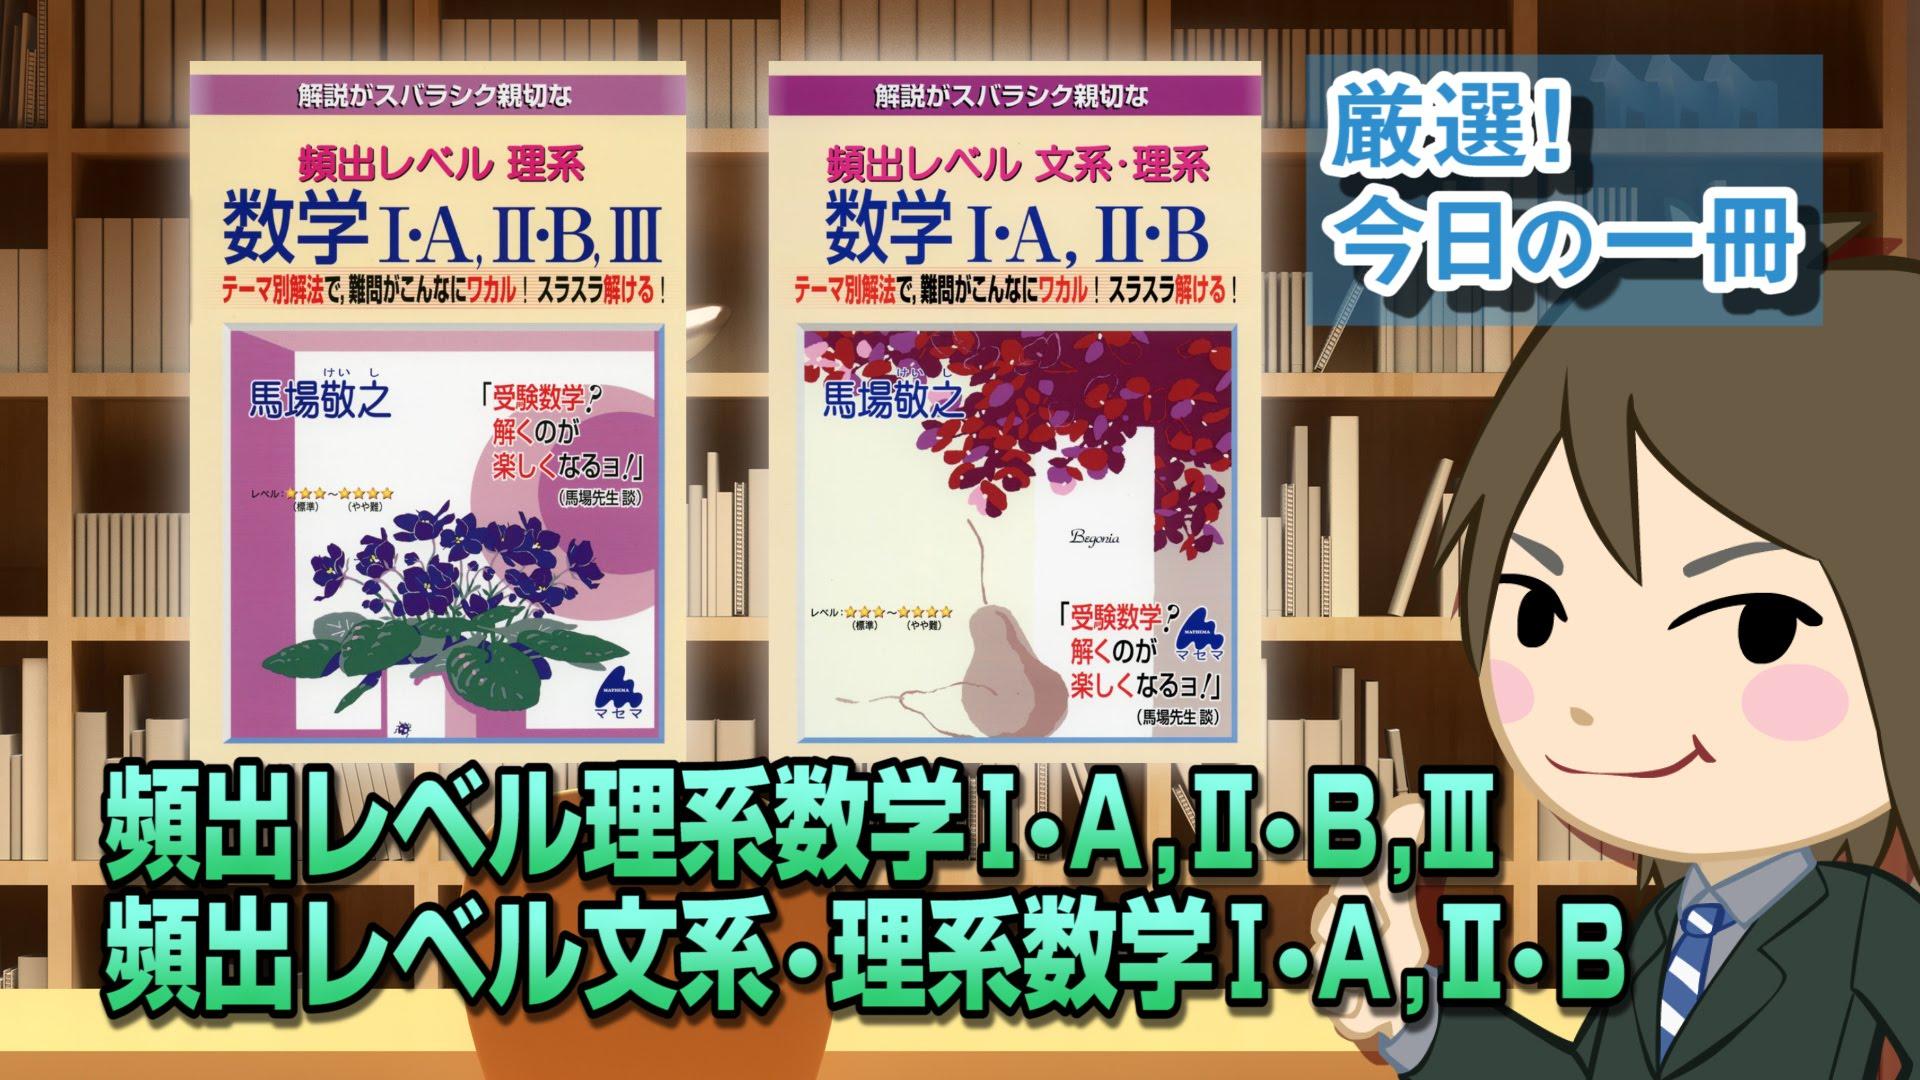 解説がスバラシク親切な頻出レベル理系数学1・A、2・B、3 & 頻出レベル文系・理系数学1・A、2・B|武田塾厳選! 今日の一冊